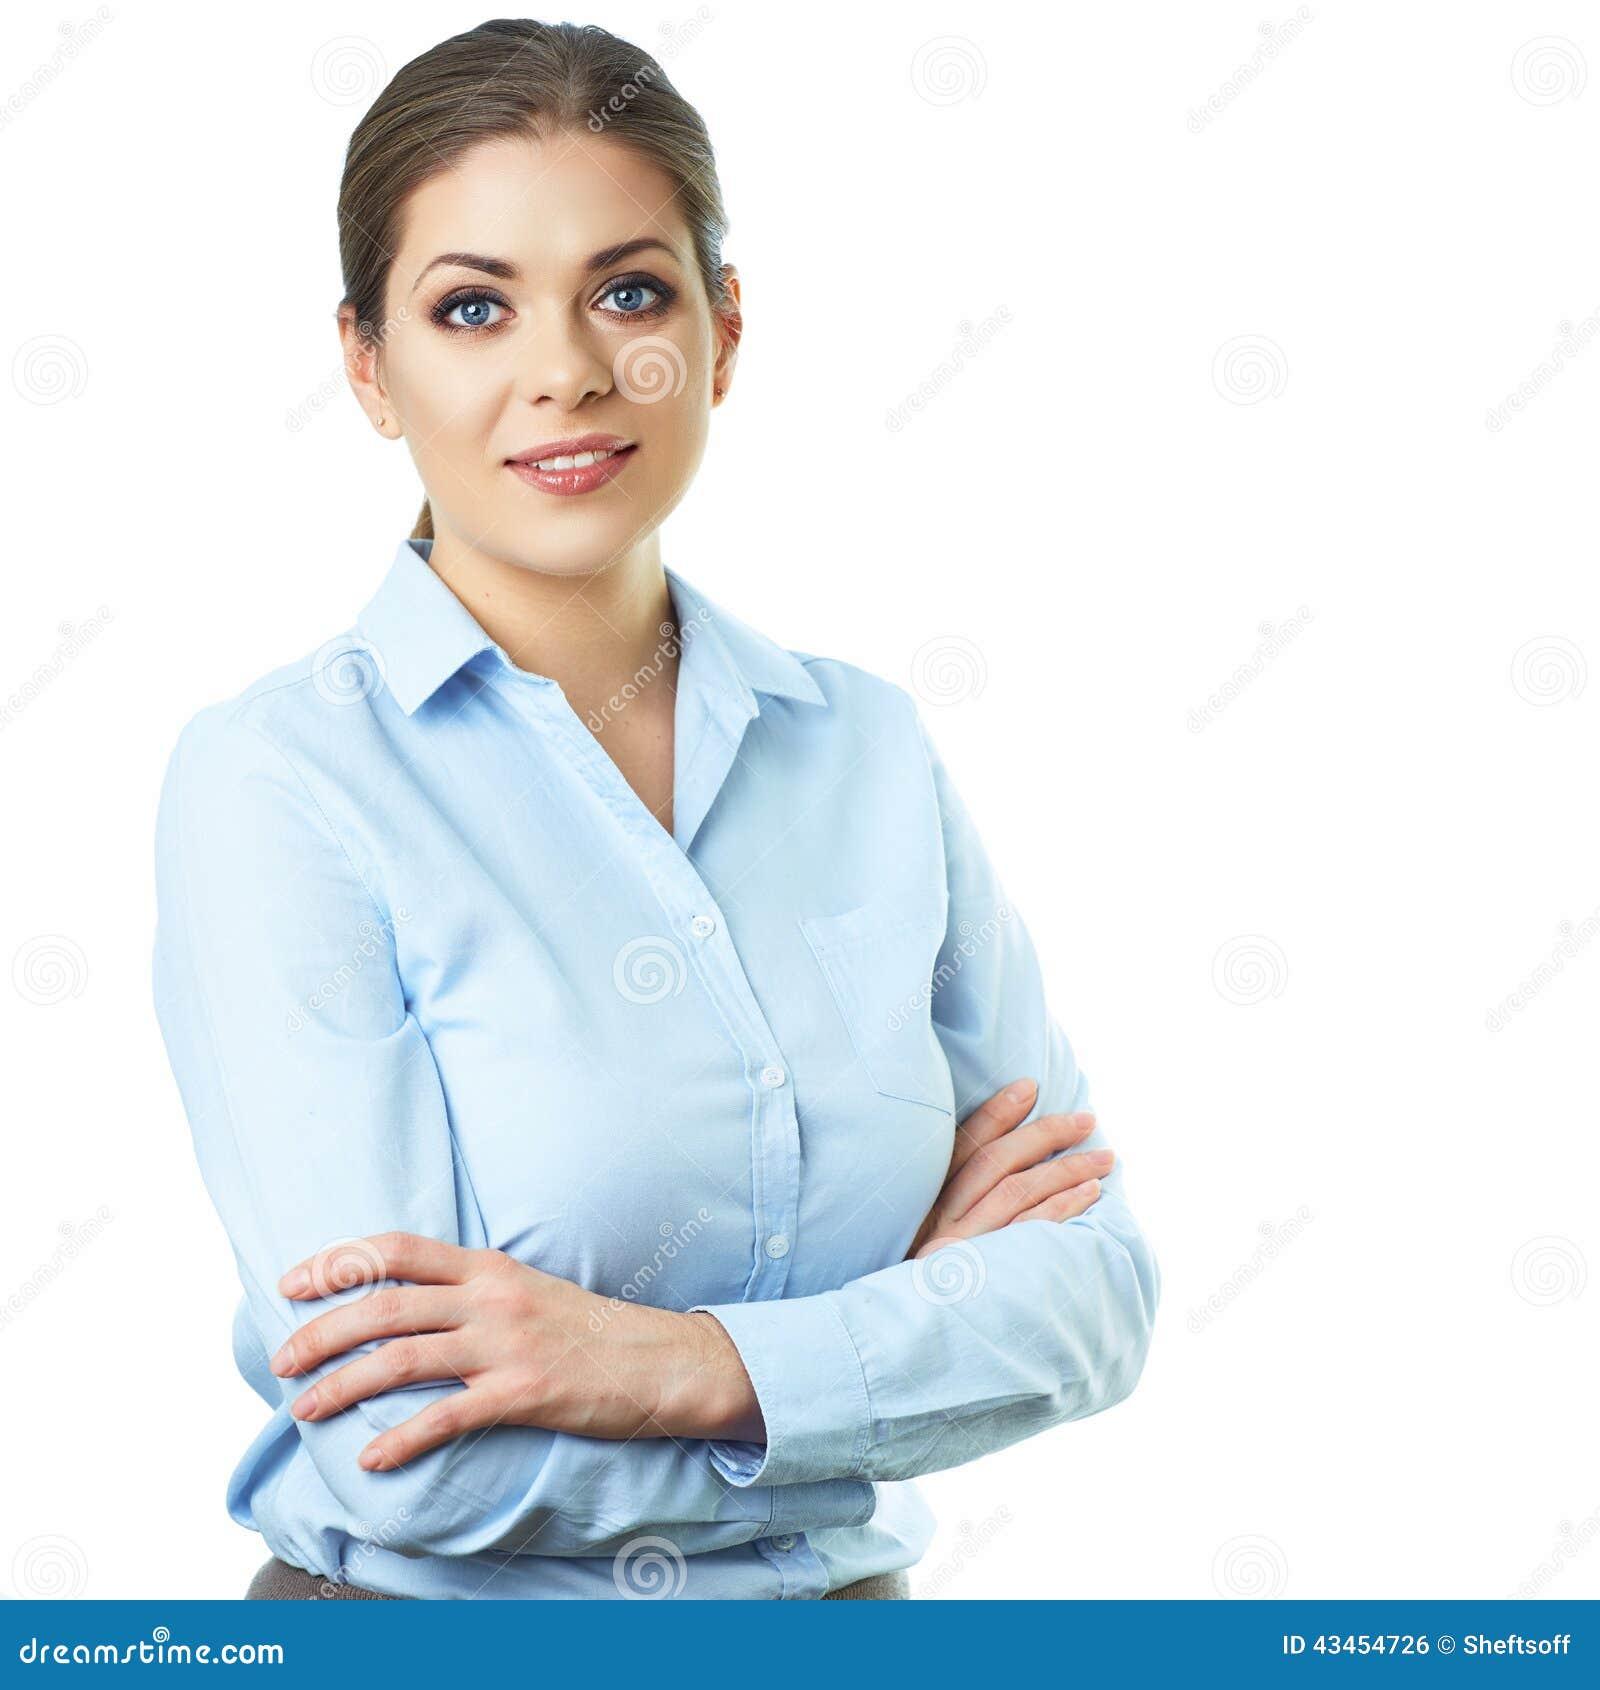 офисные бизнес портреты фото